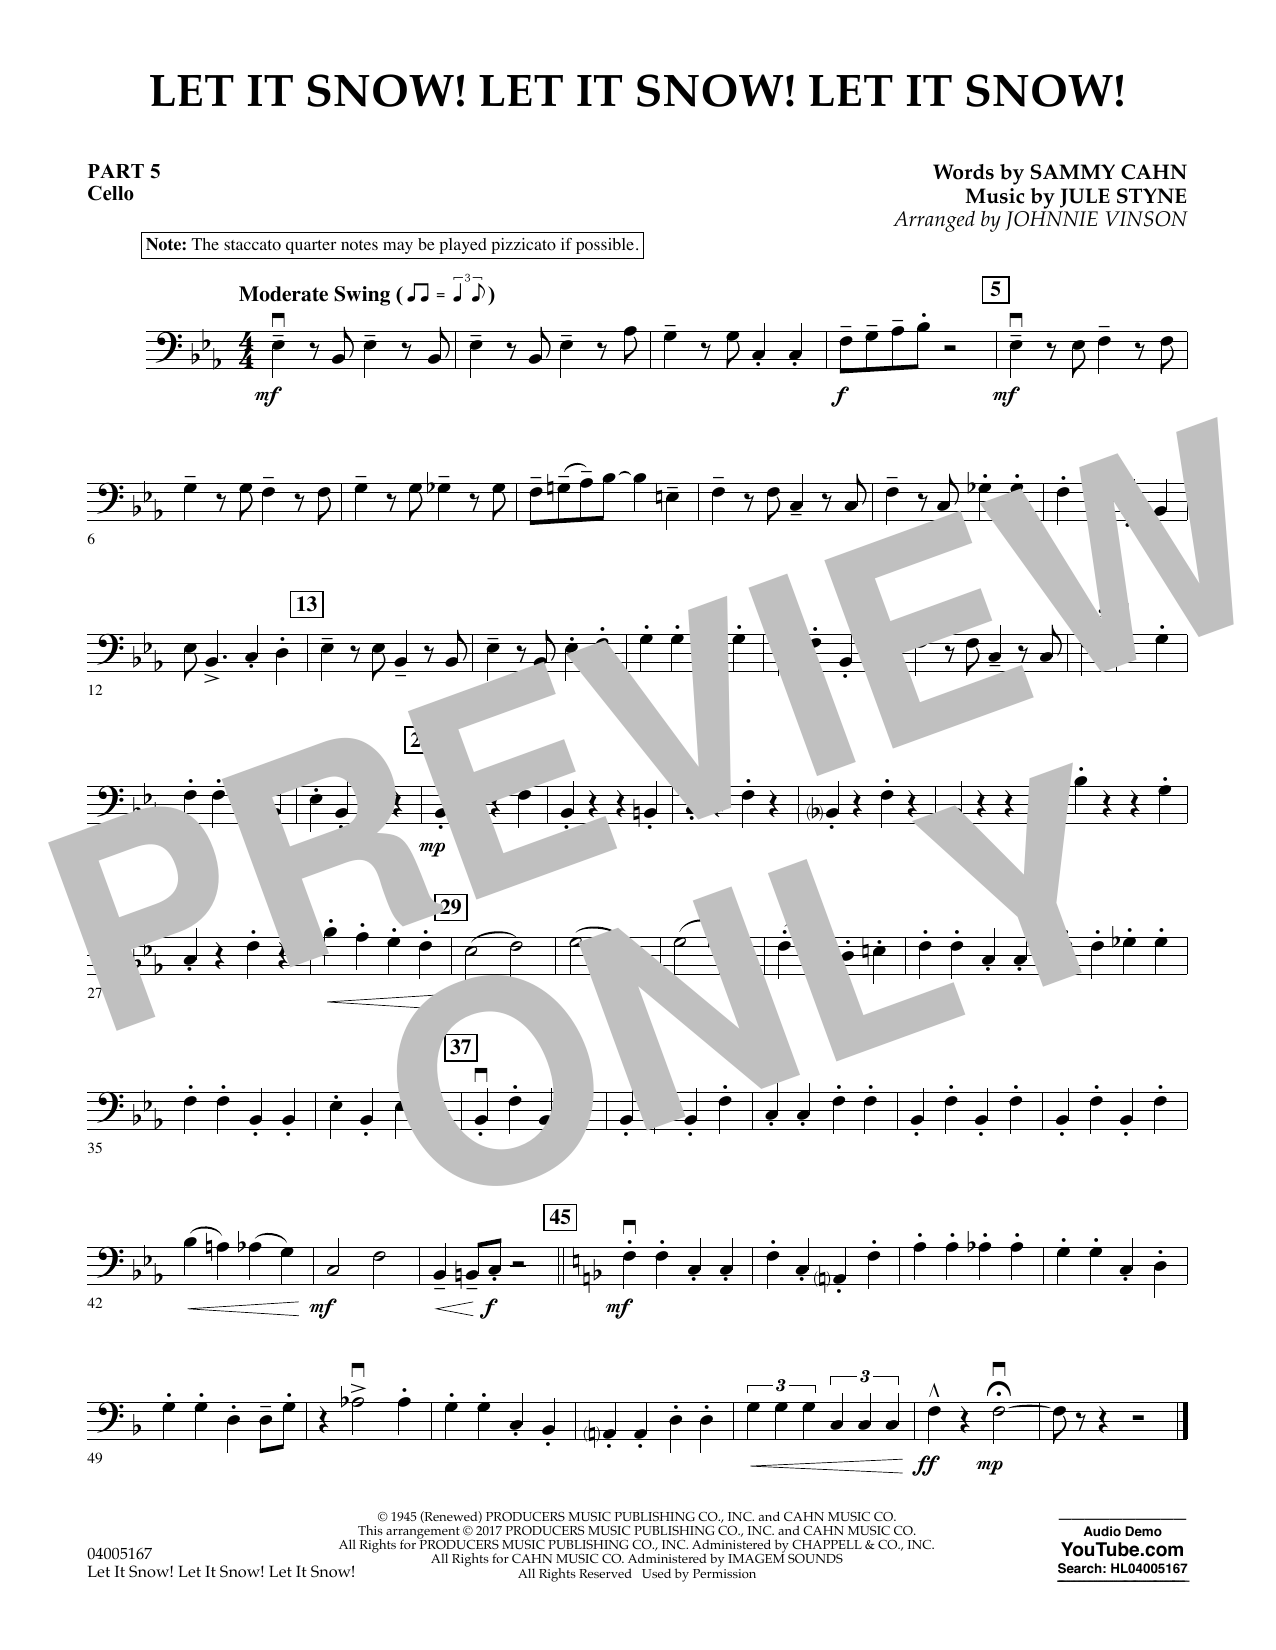 Let It Snow! Let It Snow! Let It Snow! - Pt.5 - Cello (Concert Band)